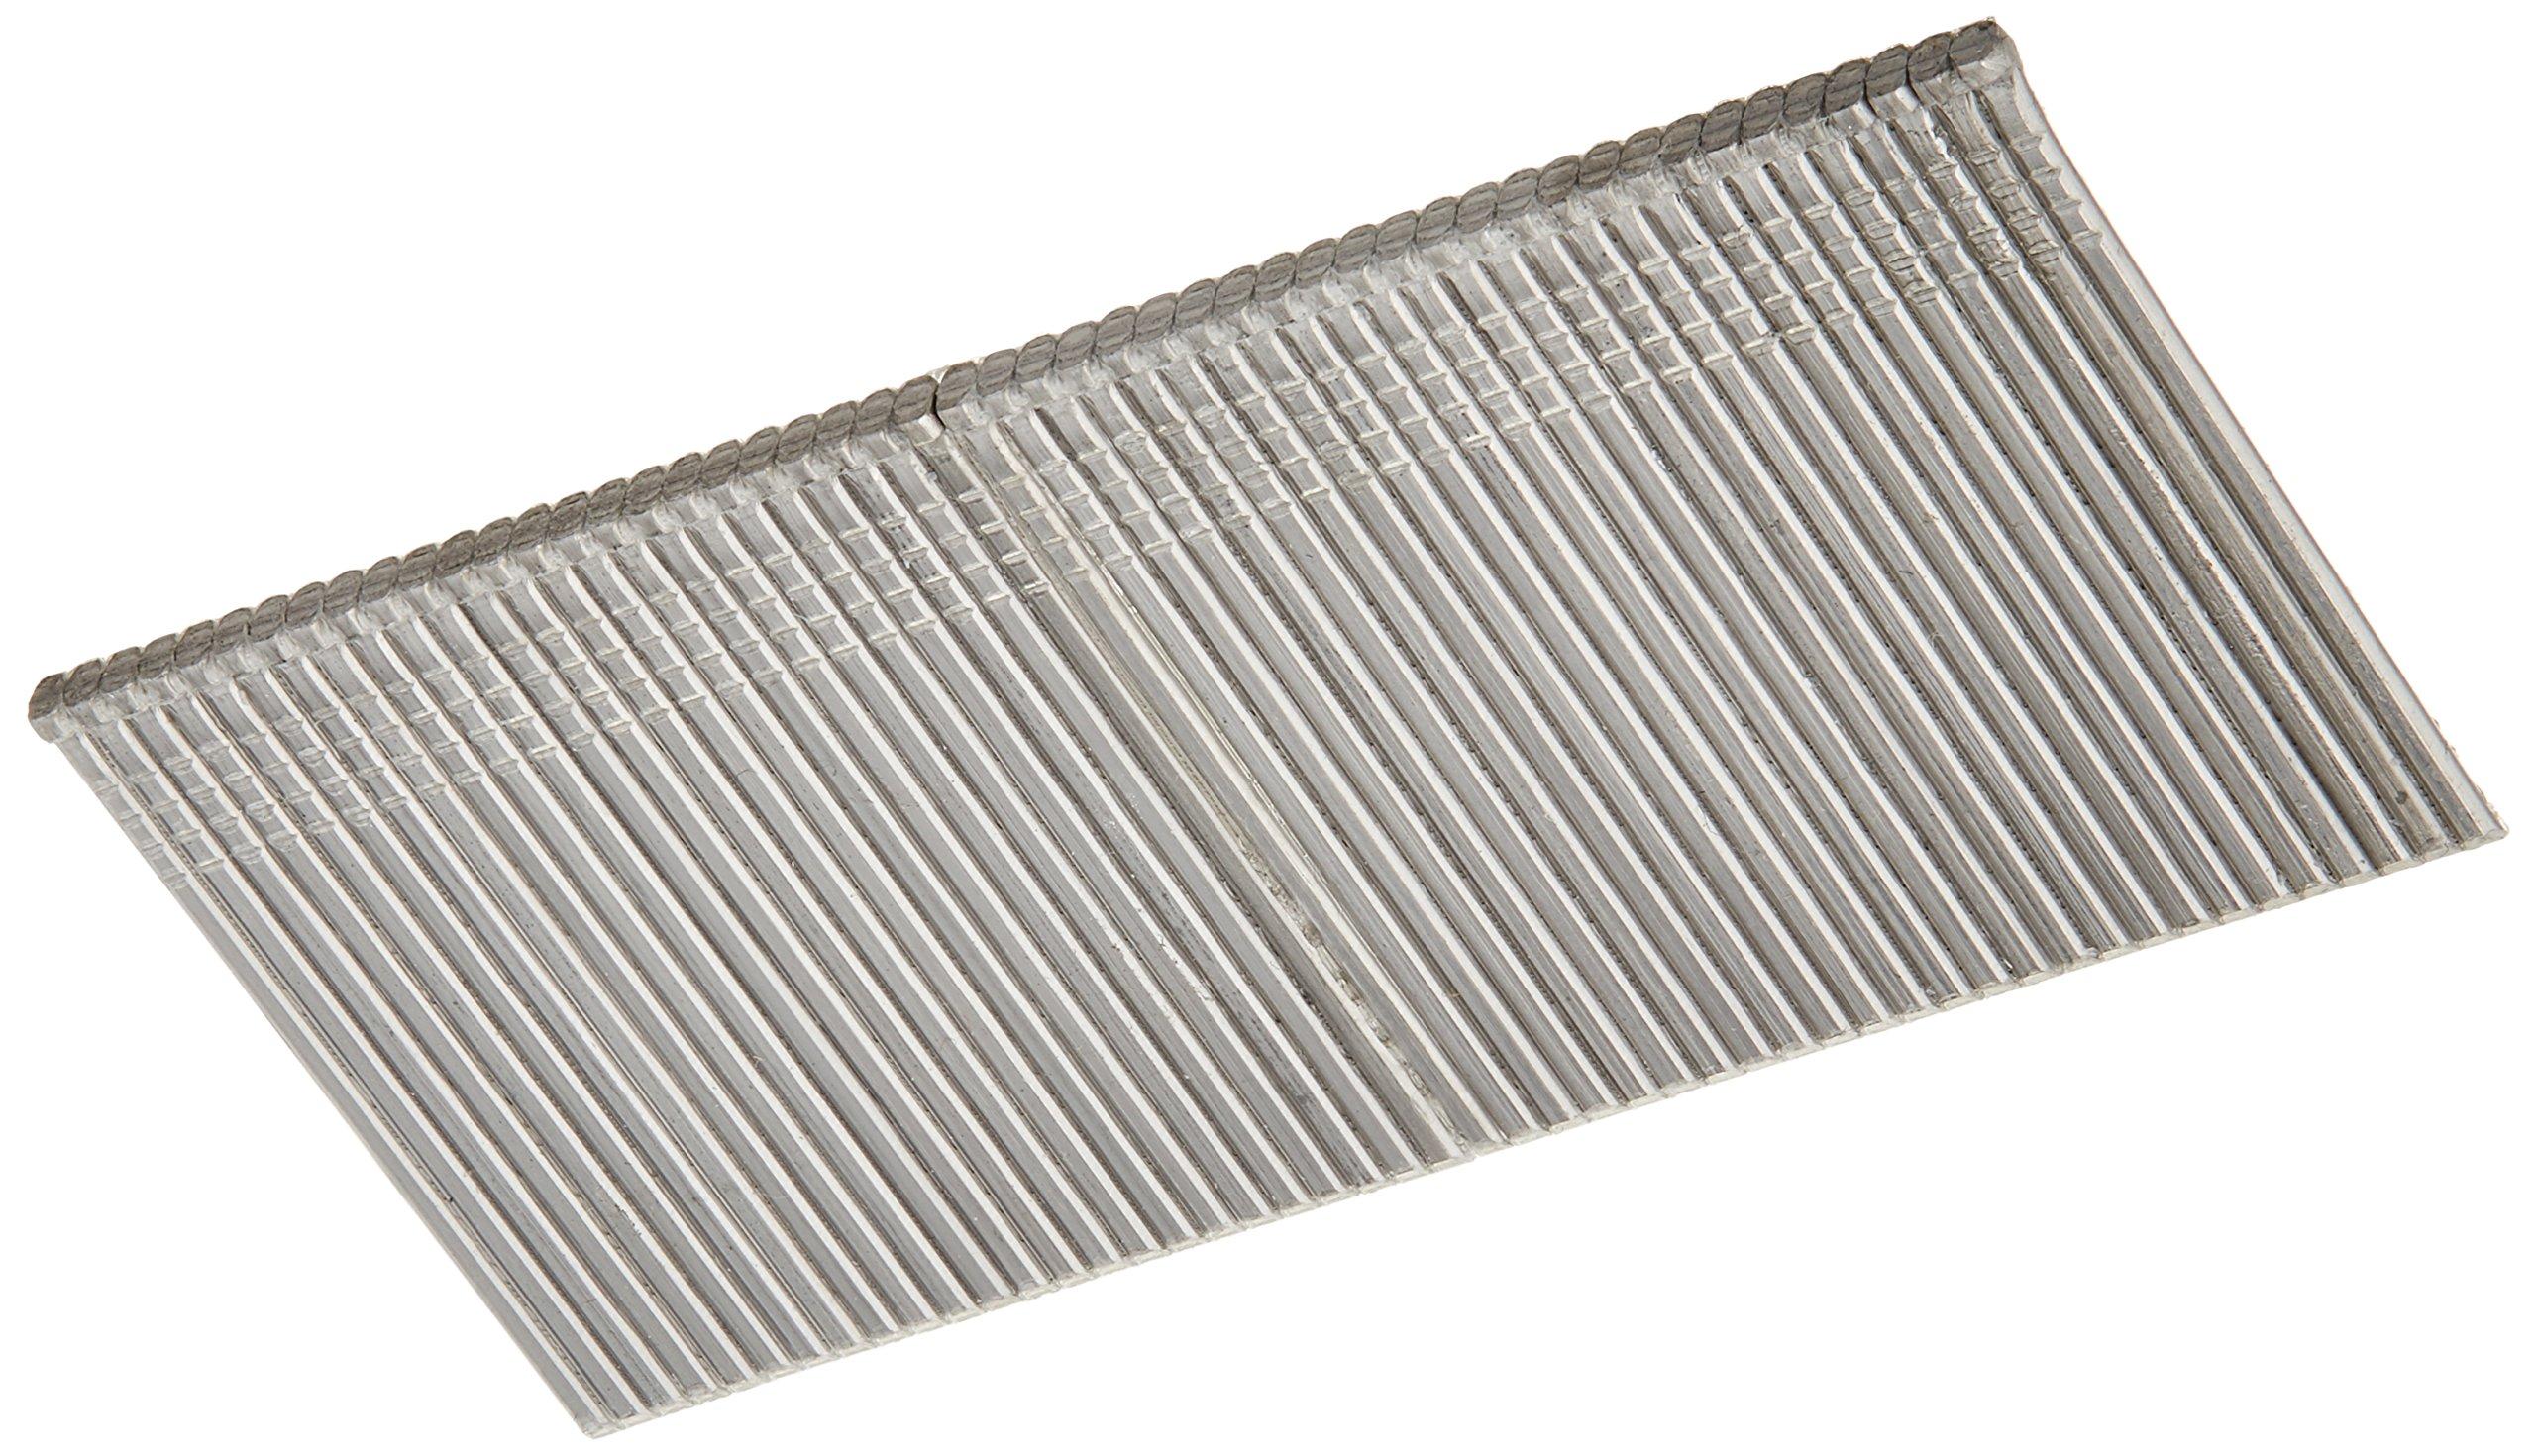 Simpson Swan Secure T18N125FNB 18-Gauge 316 Stainless Steel 1-1/4-Inch Brad Nails, 500 Per Box